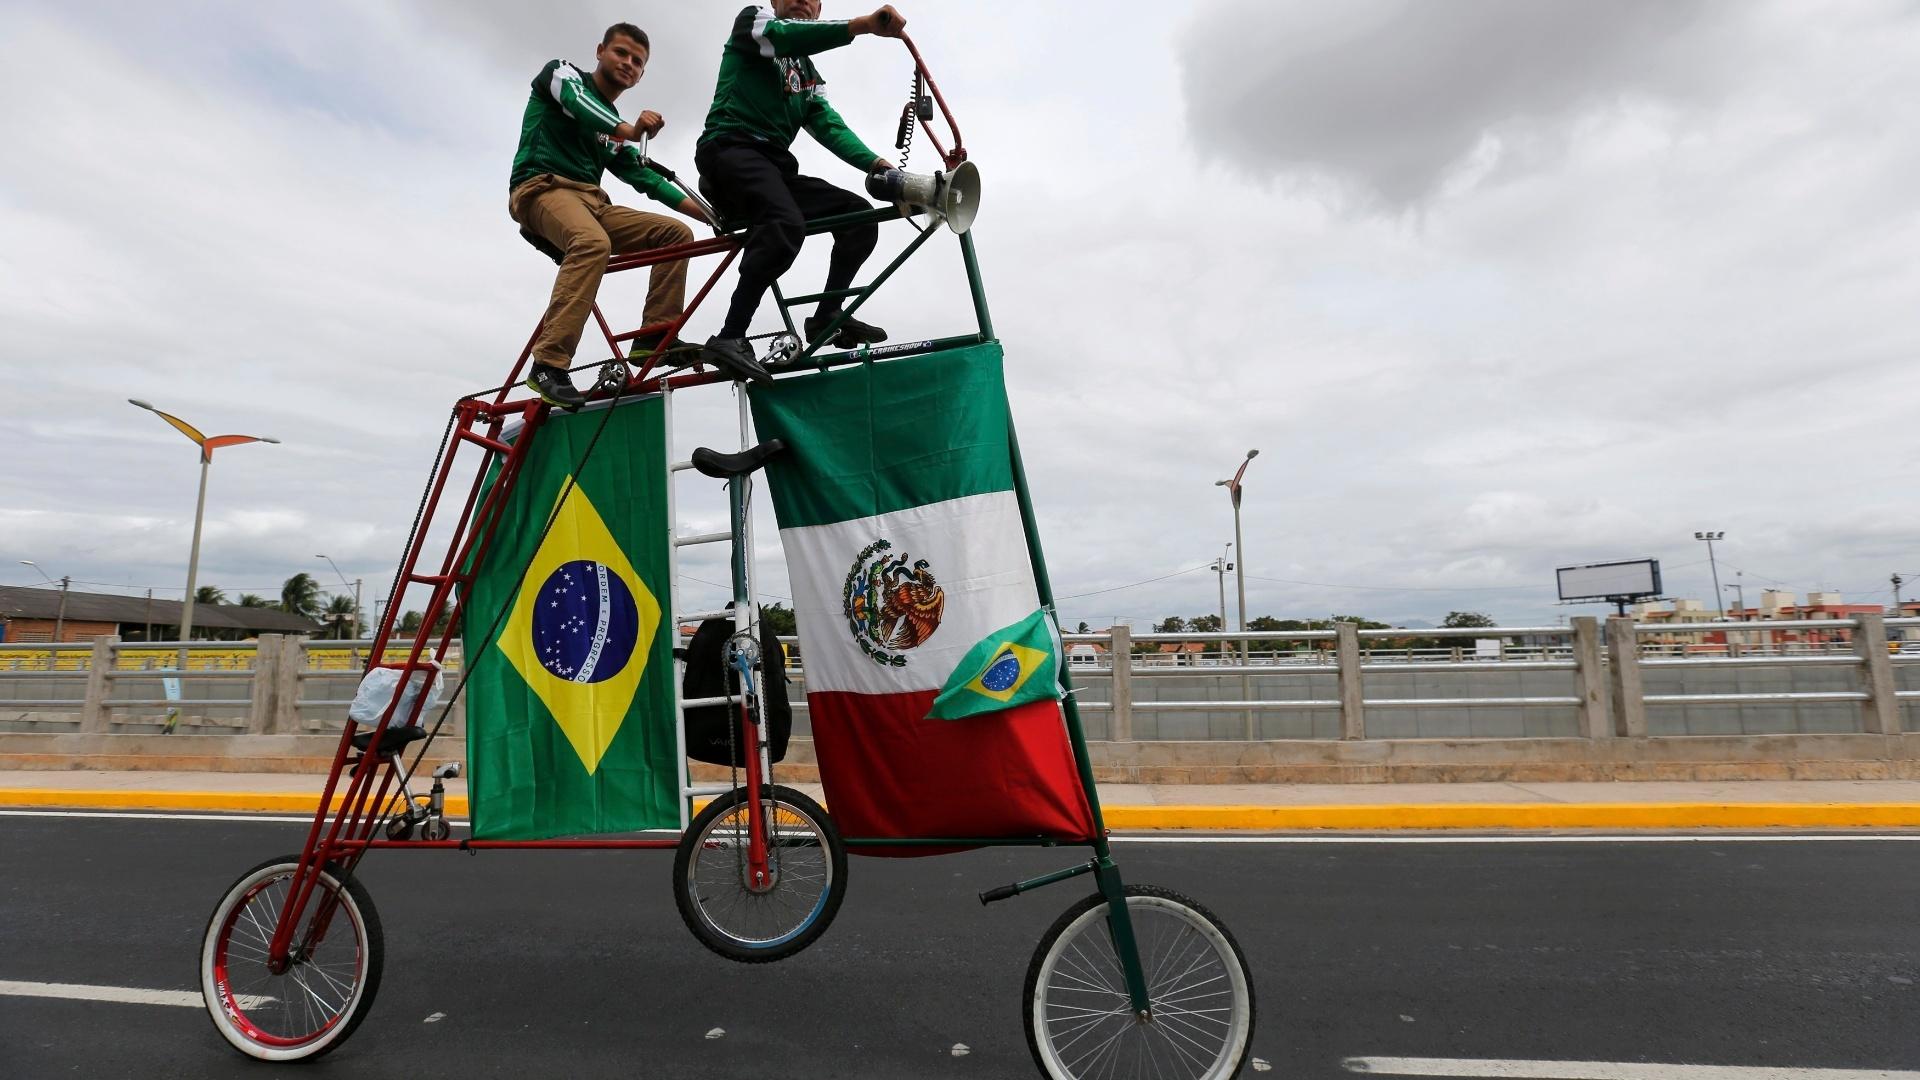 Uma bicicleta nada convencional apareceu nos arredores do Castelão, horas antes de o Brasil entrar em campo para entrar no México